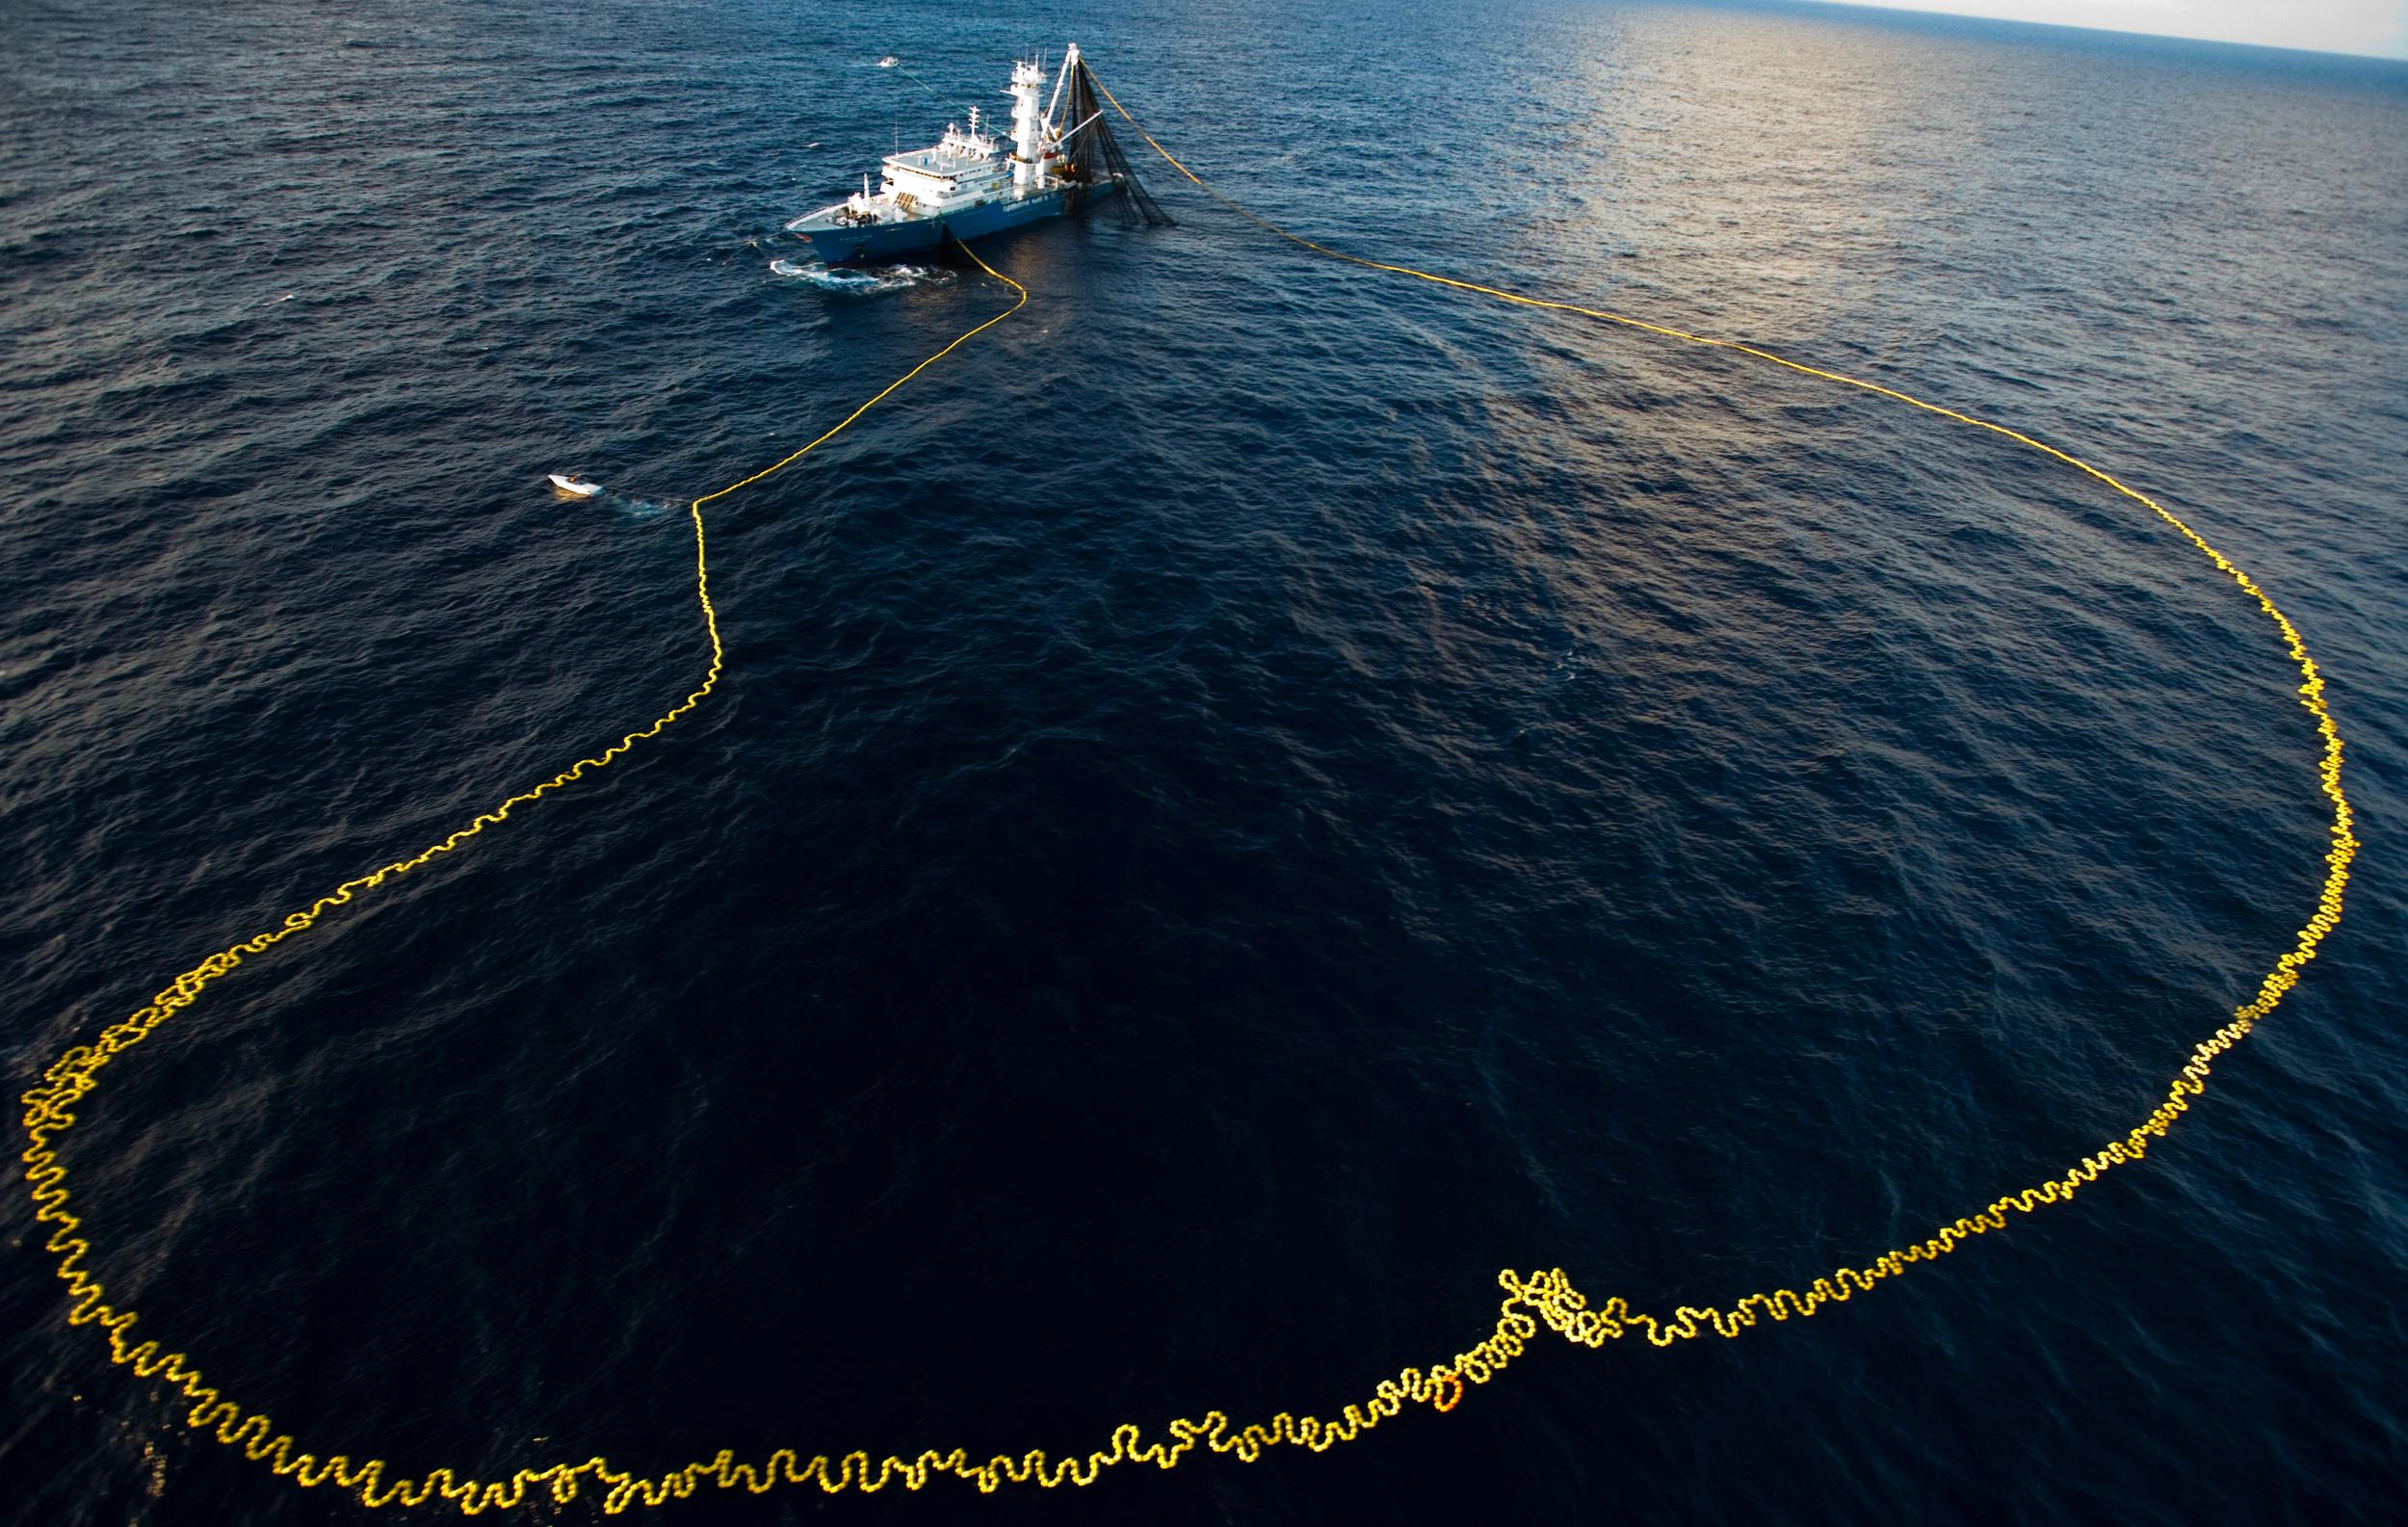 barco en el agua con red gigante